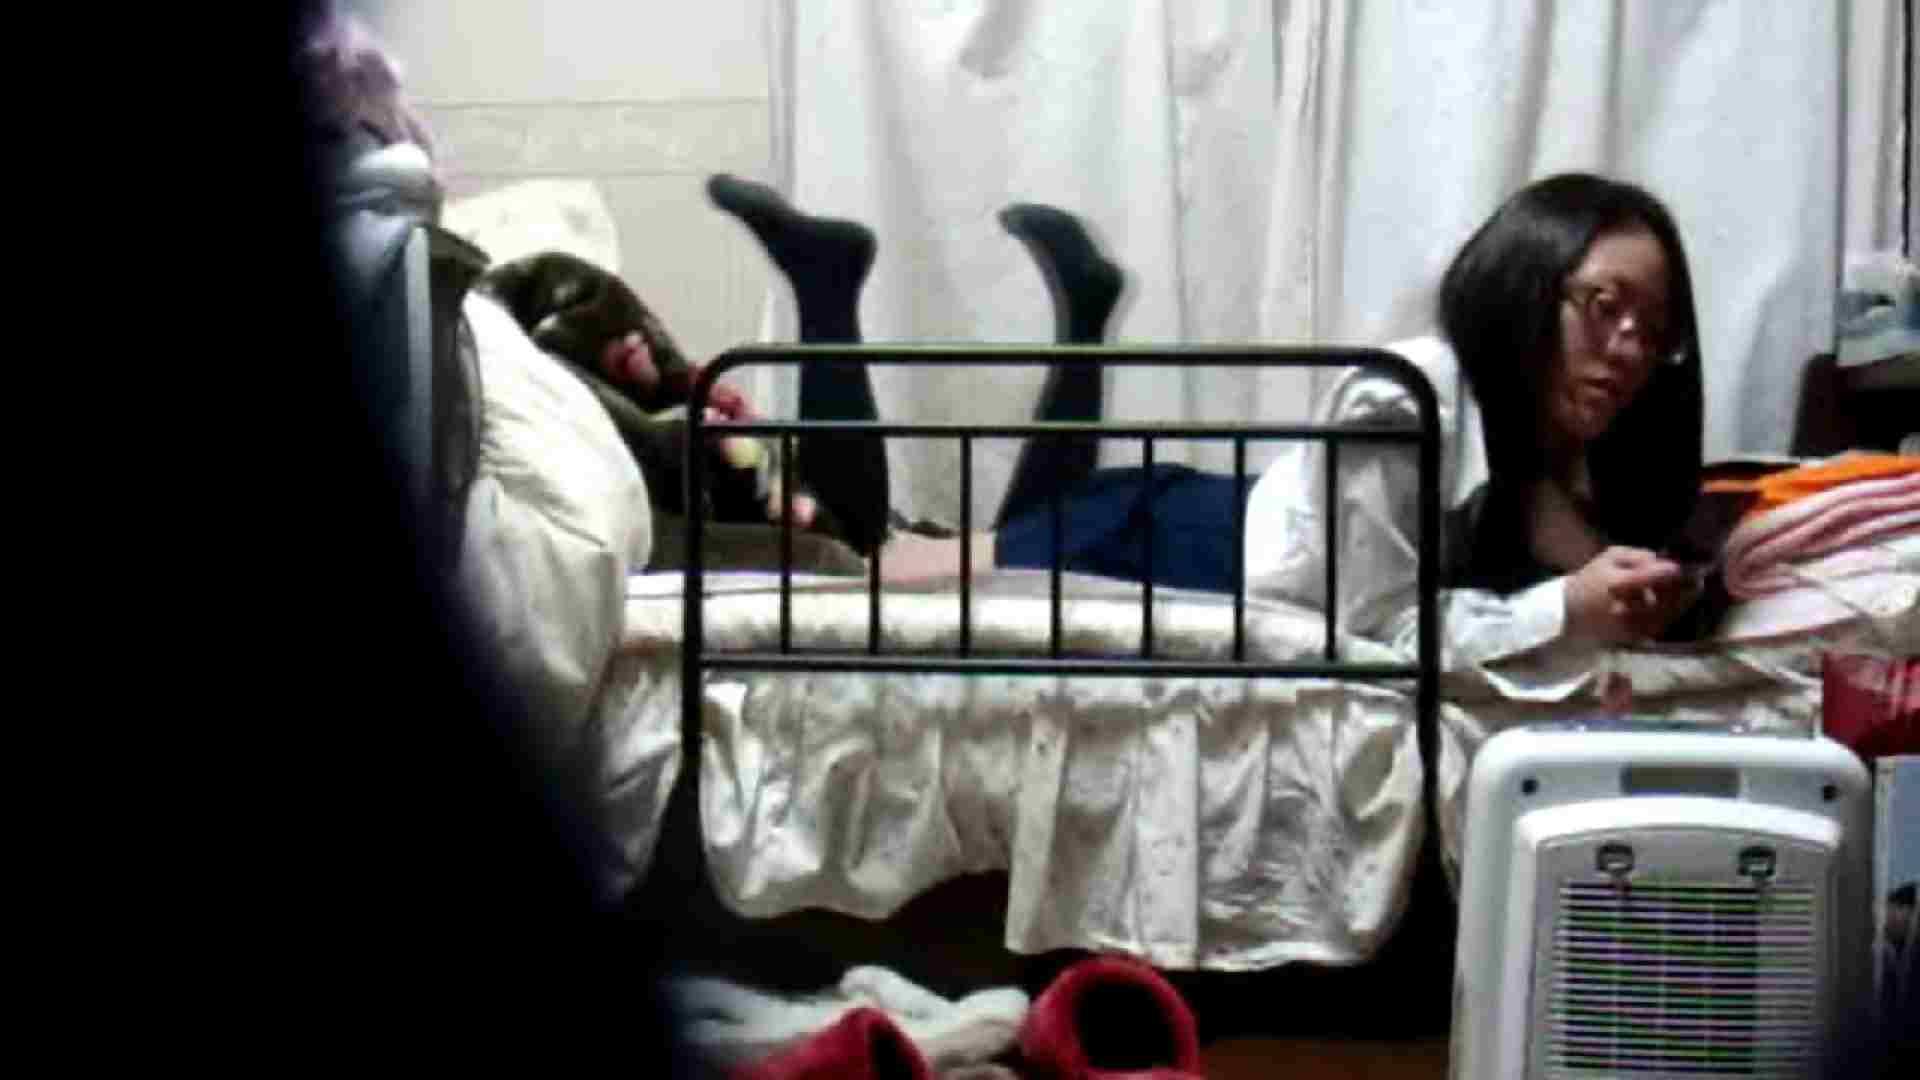 二人とも育てた甲斐がありました… vol.04 まどかが帰宅してベッドでセックス OLセックス  57画像 30